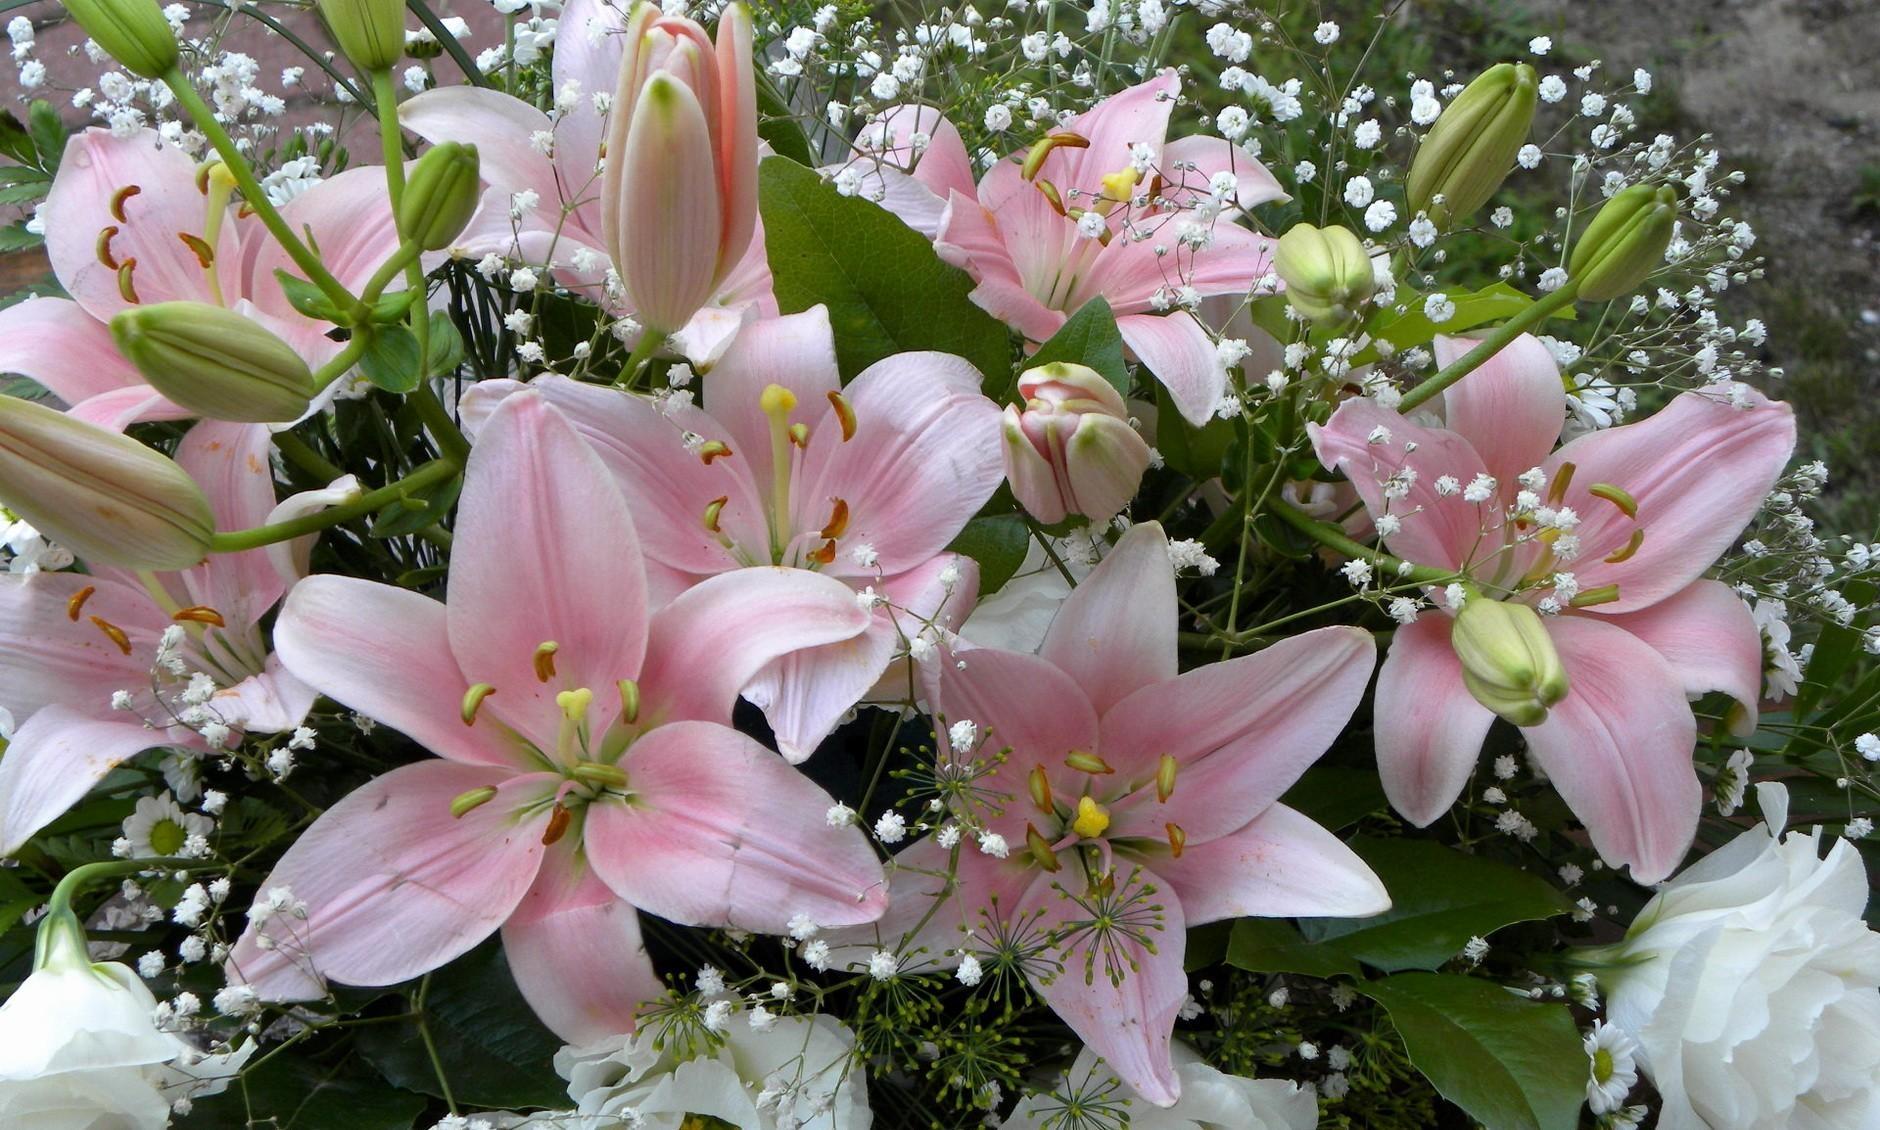 101804 télécharger le fond d'écran Fleurs, Lilies, Gypsophile, Gipsophile, Bouquet, Bourgeons - économiseurs d'écran et images gratuitement